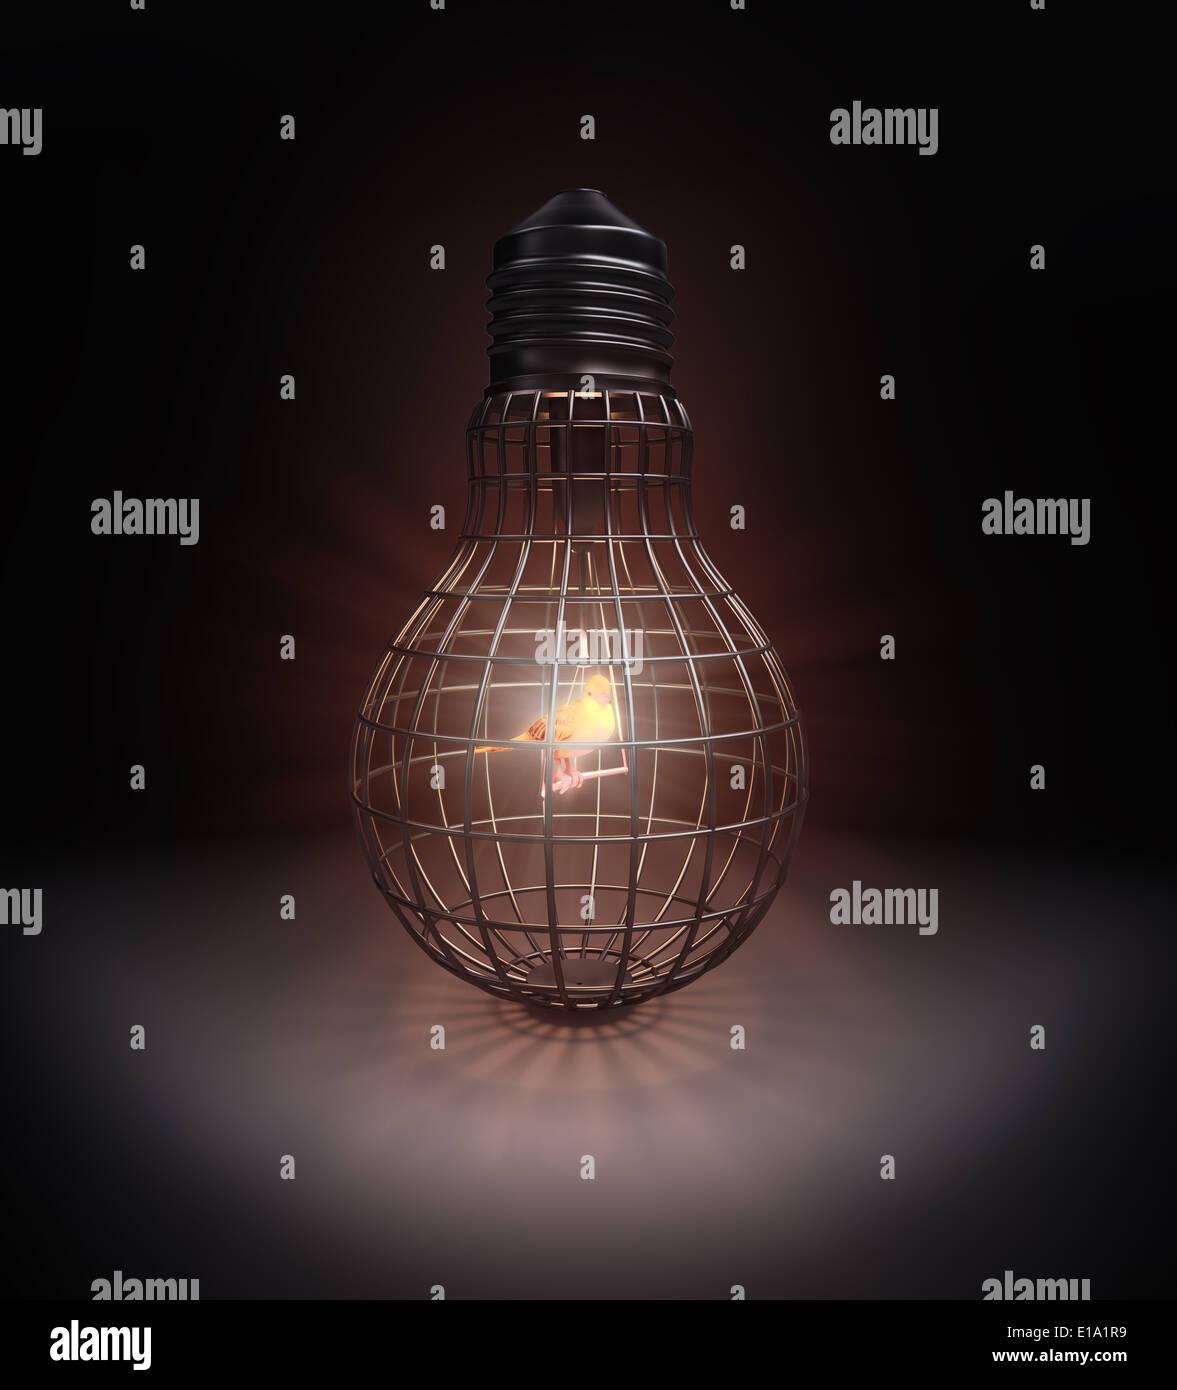 Un oiseau à l'intérieur d'une cage en forme d'ampoule Banque D'Images